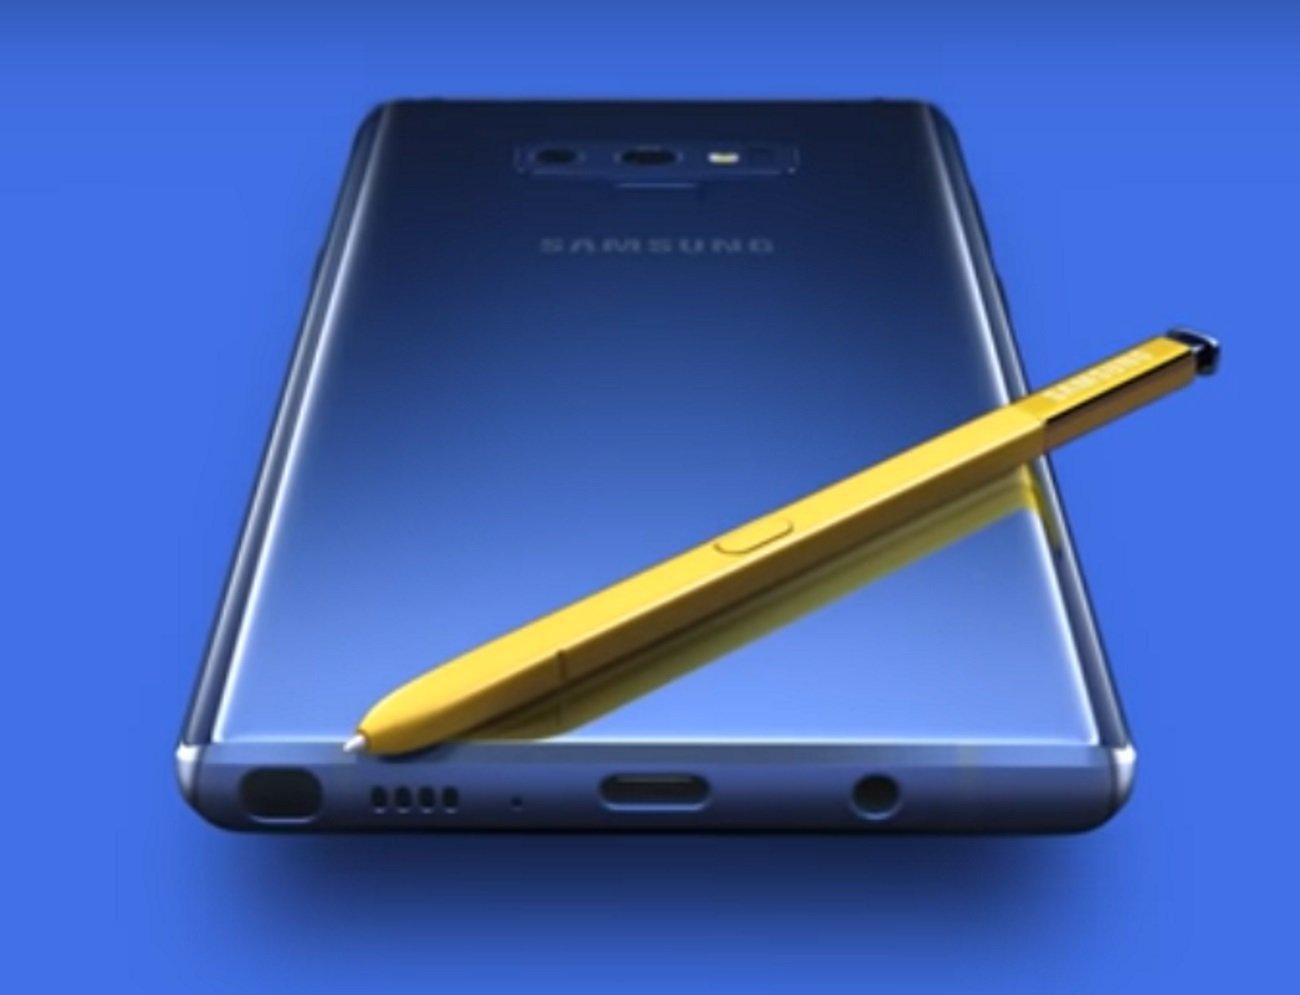 Официальный рекламный ролик телефона  Самсунг  Galaxy Note 9